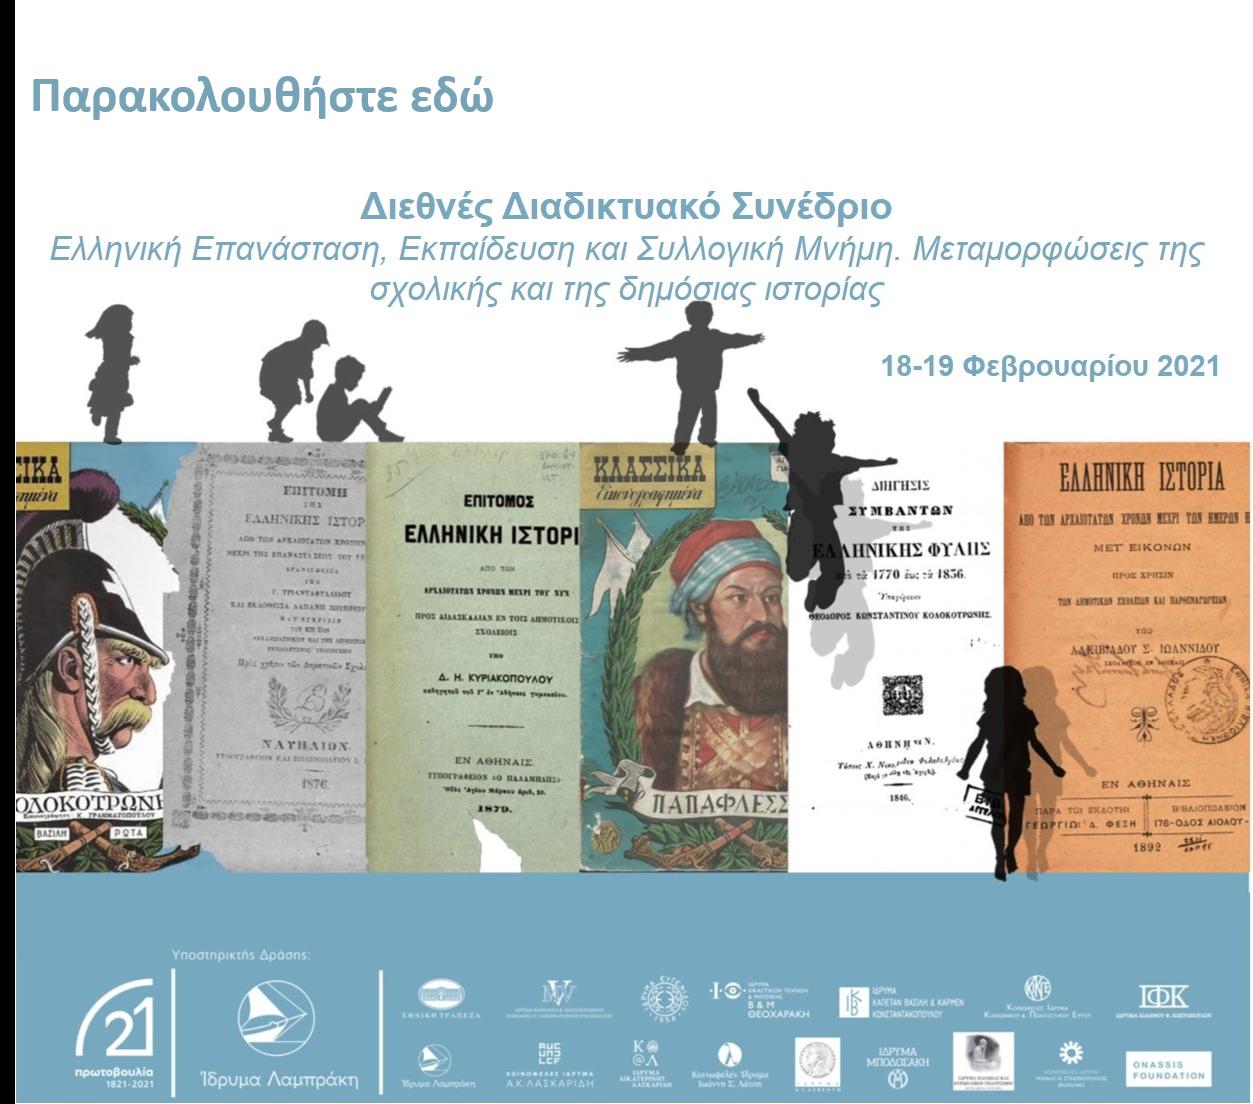 """Συνέδριο με θέμα """"Ελληνική Επανάσταση, Εκπαίδευση και Συλλογική Μνήμη. Μεταμορφώσεις της σχολικής και της δημόσιας ιστορίας"""""""